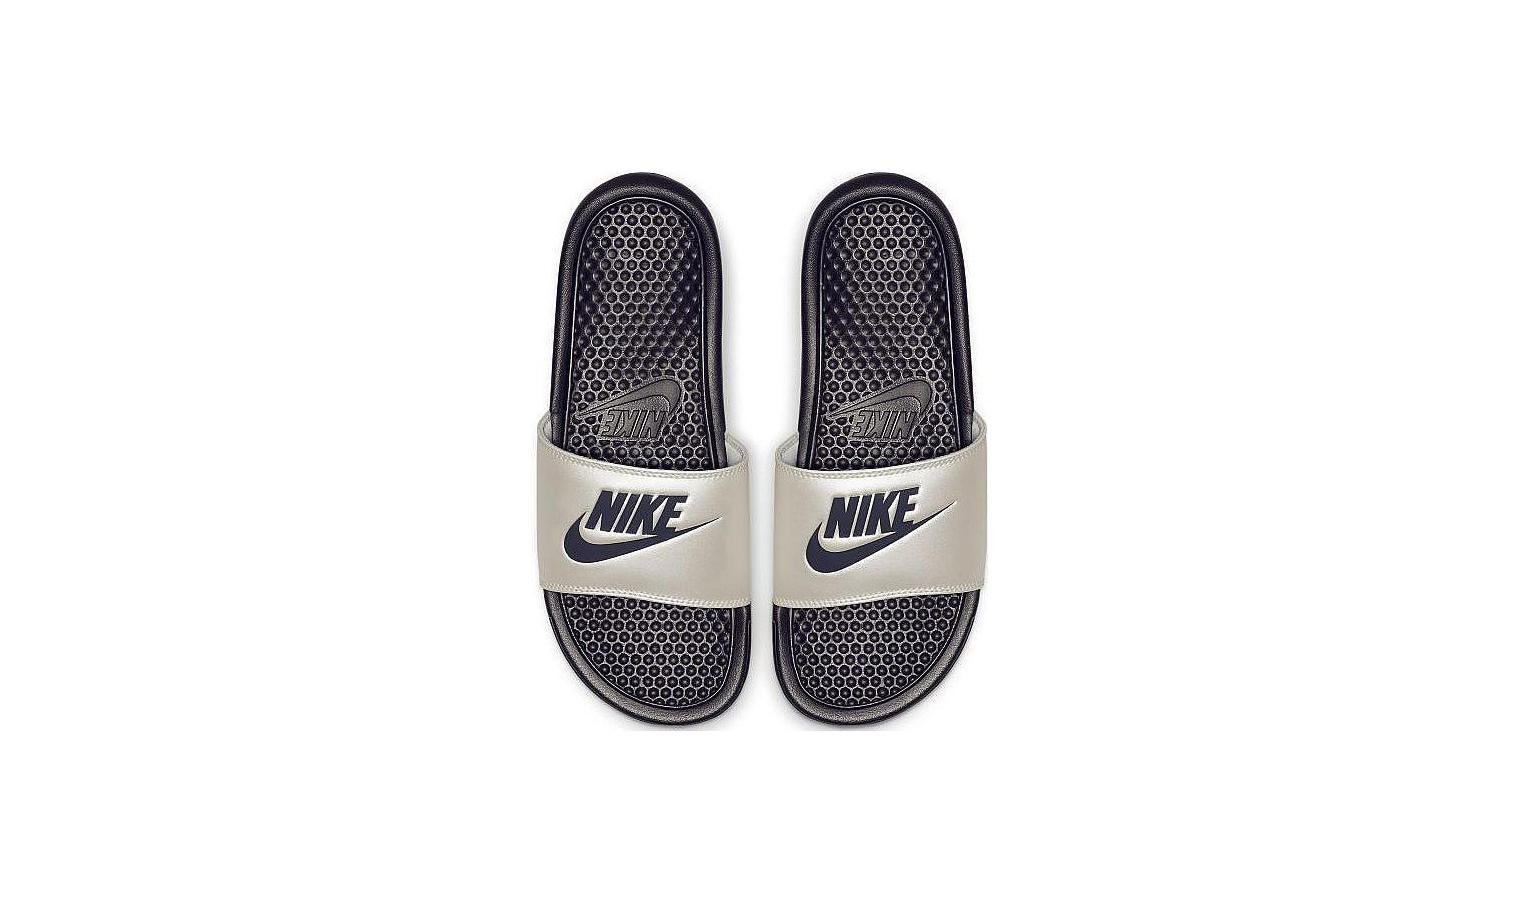 c2c62c4a3f ... Dámske nazouváky Nike BENASSI JDI W sivé. Nové